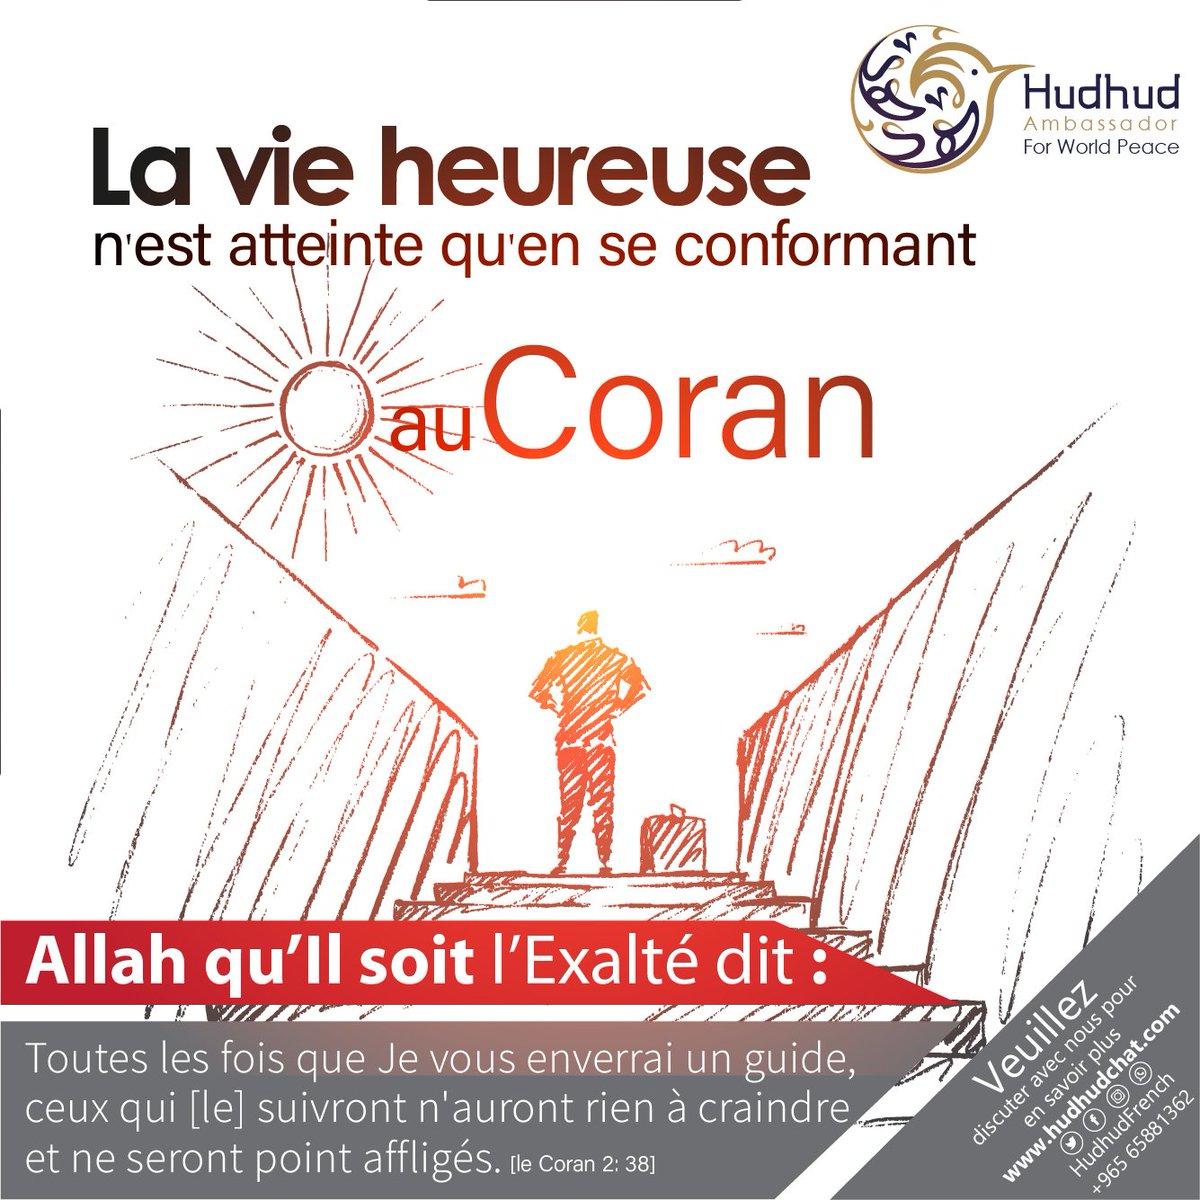 La vie heureuse n'est atteinte qu'en adhérant au Coran. Veuillez discuter avec nous pour en savoir plus :http://hudhudchat.com  #HudhudFrench #CoranMeilleurLivre #France #Belgique #Bénin #Burkina #Burundi #Cameroun #Canada #Chad #Comores #Congo #Gabon #Guinée #Haïti #Luxembourg